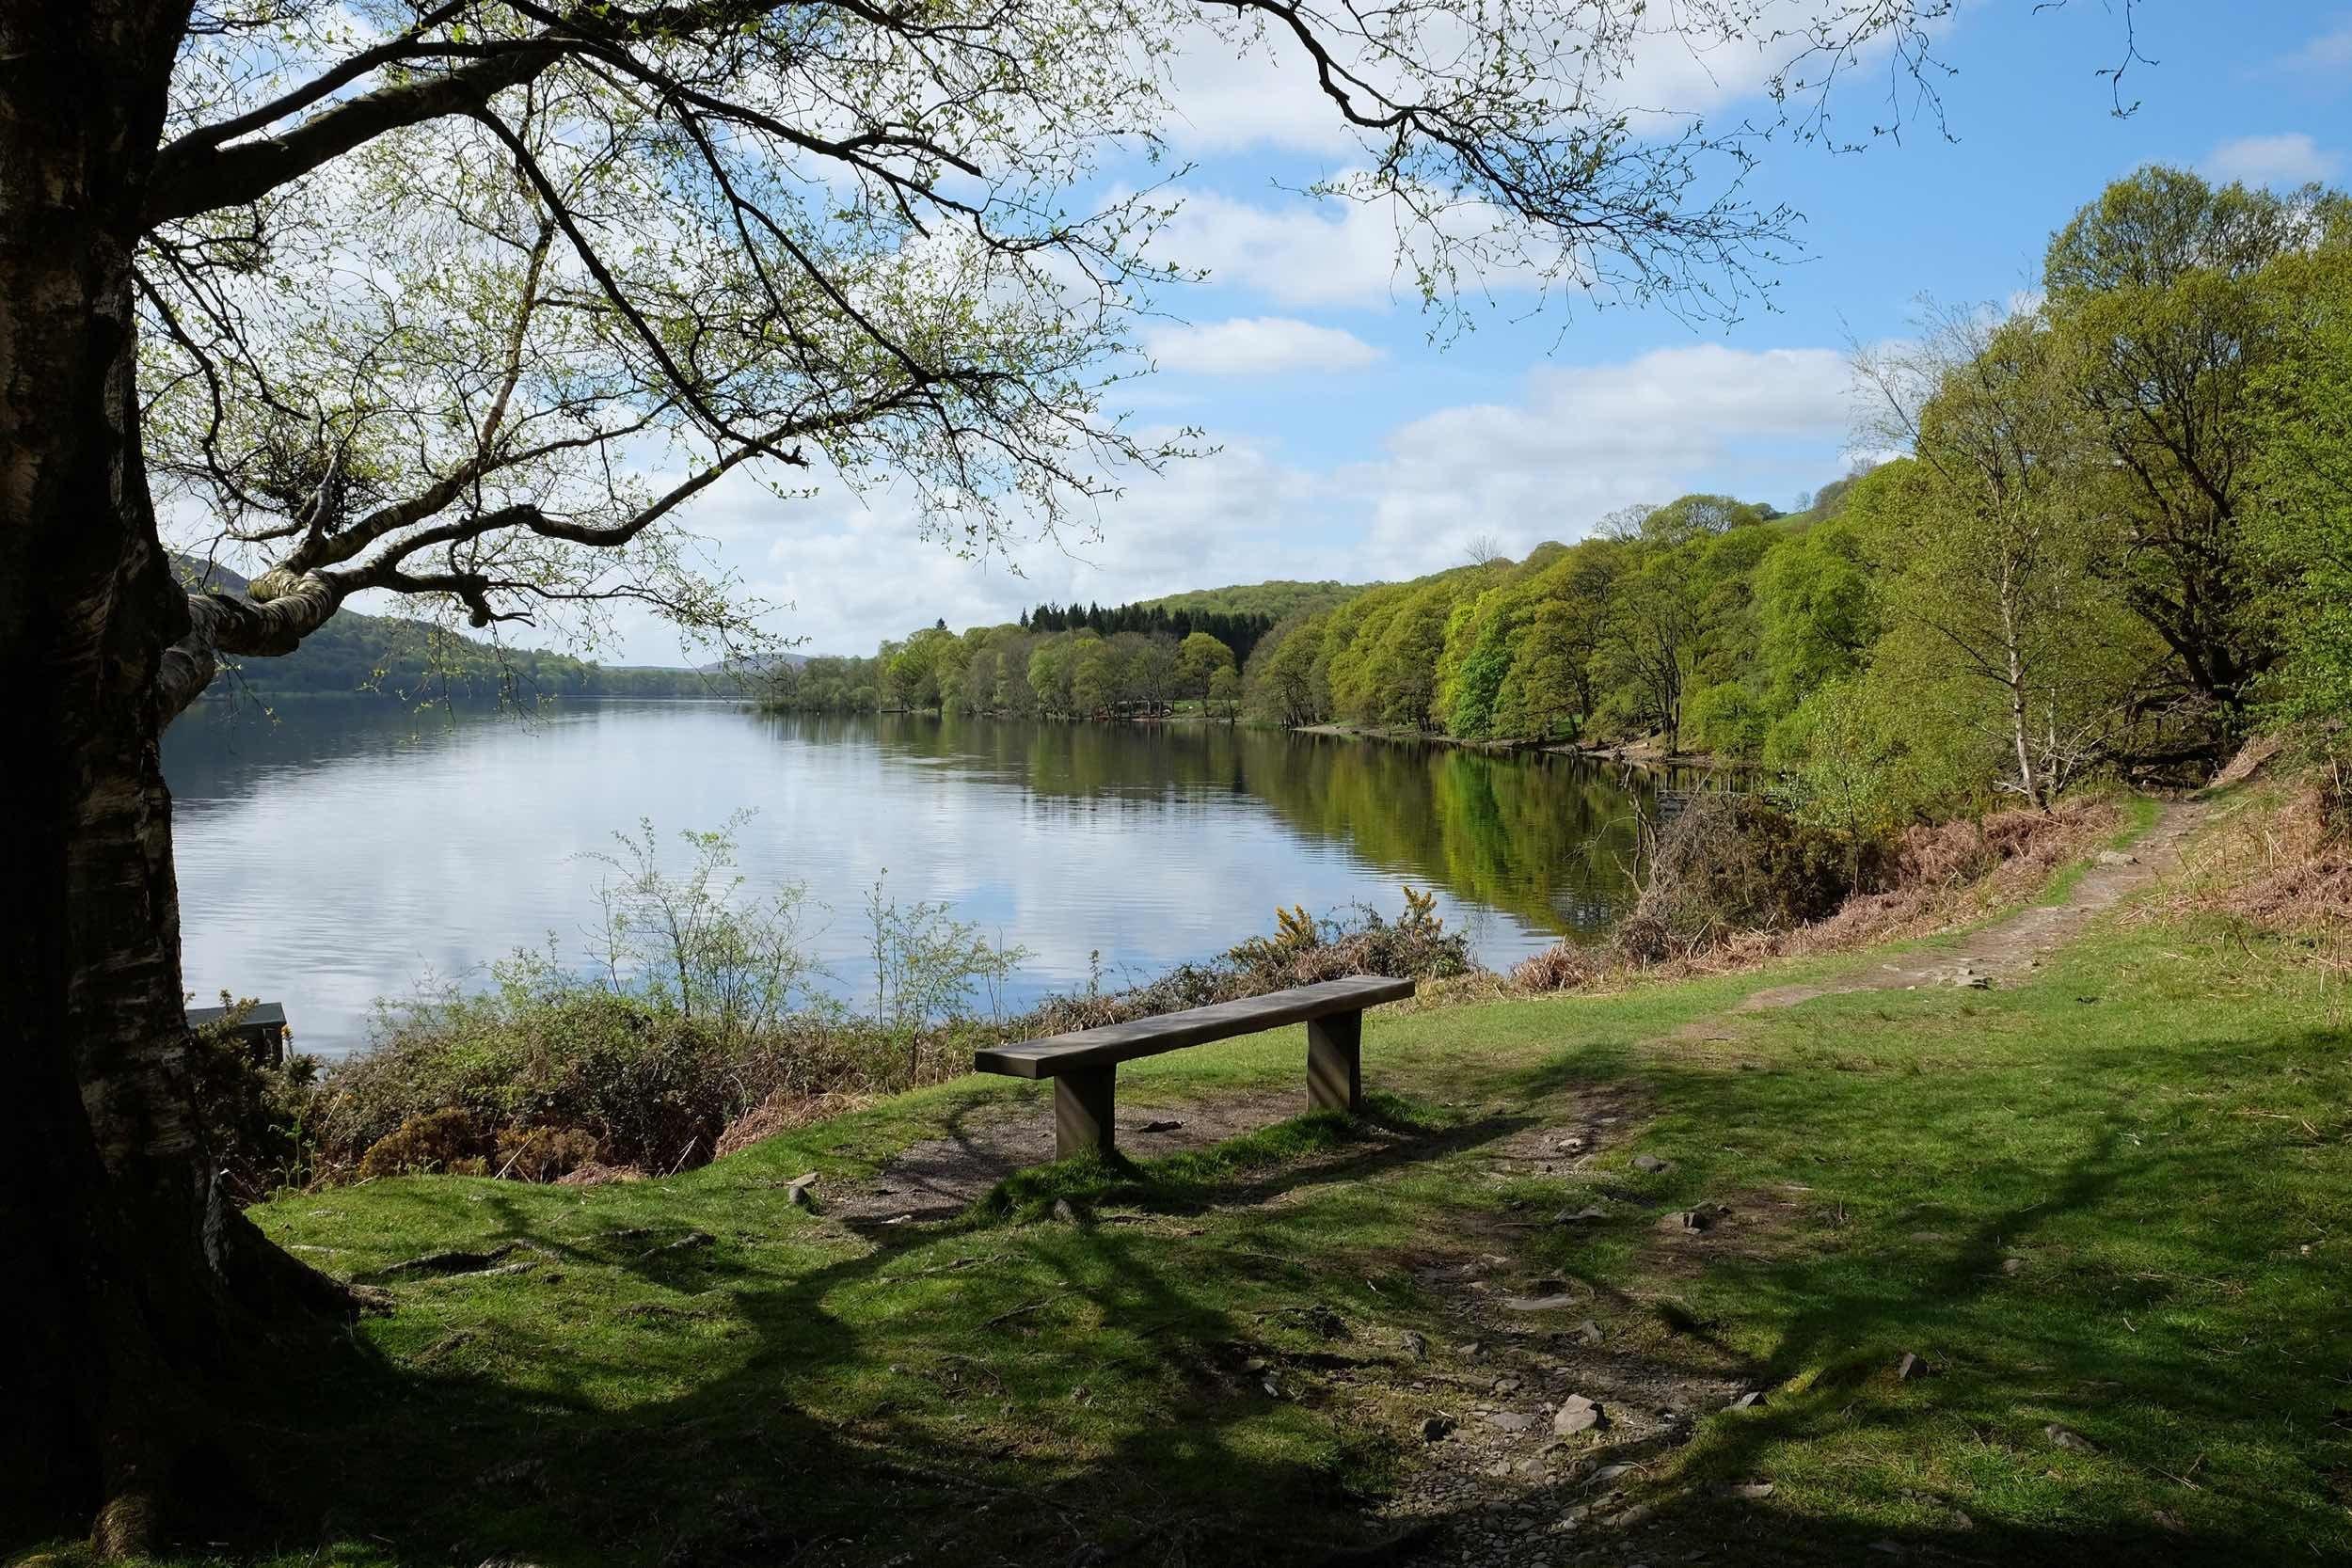 بريطانيا منطقة البحيرات اهم الاماكن السياحيه ماء كونيستون